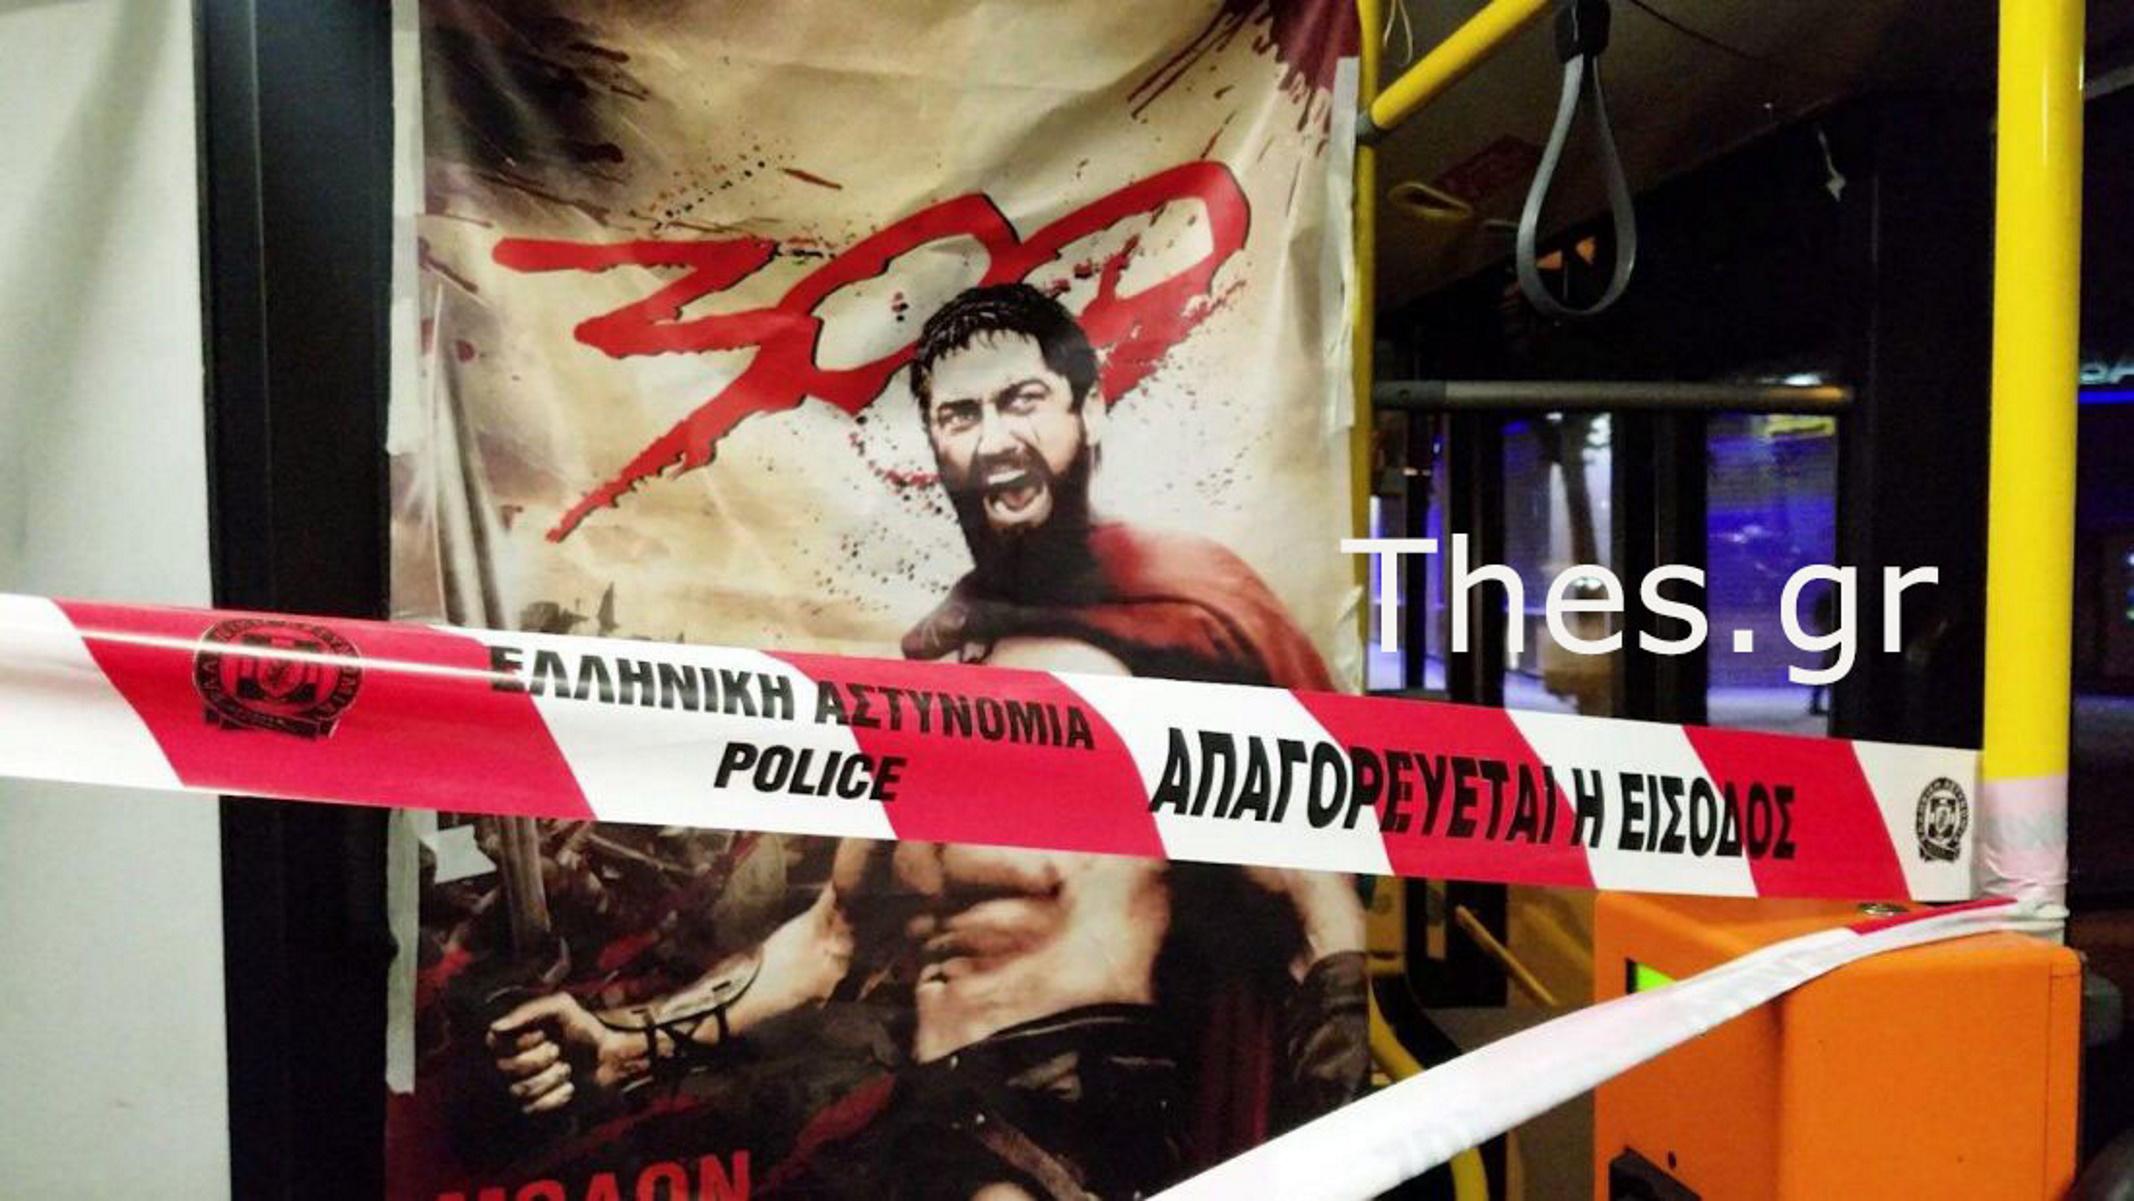 Θεσσαλονίκη: Διαχωριστικό με αφίσα Λεωνίδα απ' τους «300» σε λεωφορείο του ΟΑΣΘ (pics, vid)